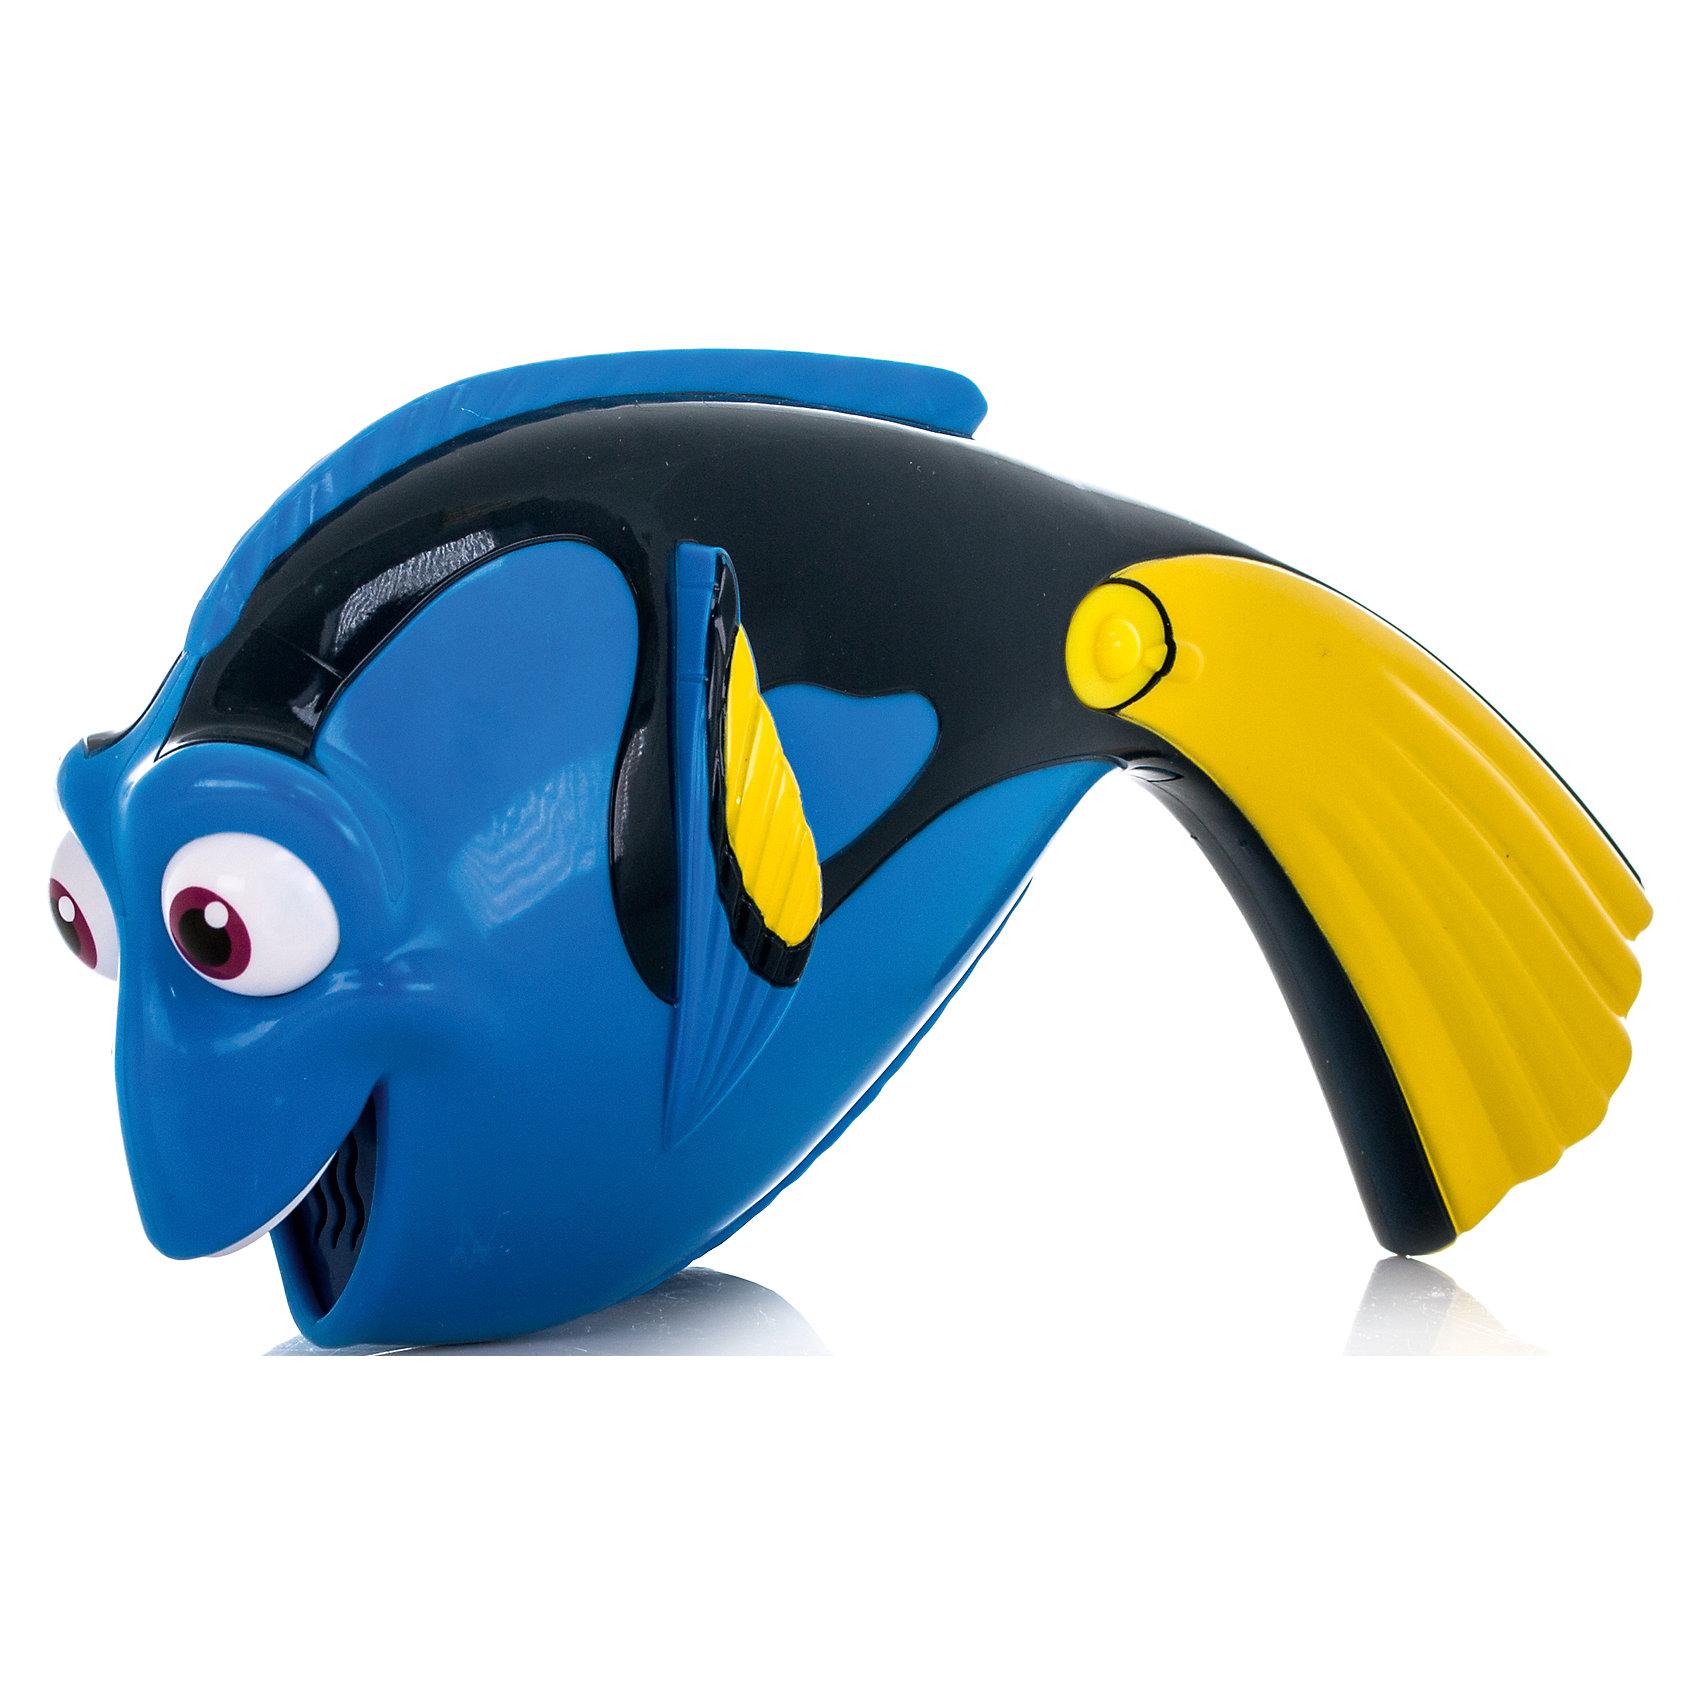 Дорюша-повторюша, со звуком, В поисках ДориИгрушка выполнена в виде очаровательной рыбки Дори - главной героини мультфильма В поисках Дори. Принцип работы игрушки довольно прост: нужно произнести фразу, а игрушка повторит запись забавным голосом одного из персонажей мультфильма - белухи Бейли. Устройство срабатывает при нажатии на кнопку, расположенную на ручке. <br><br>Дополнительная информация:<br><br>- Материал: пластик.<br>- Размер игрушки: 25 см.<br>- Элемент питания: 2  ААА батарейки (входят в комплект).<br><br>Игрушку Дорюша-повторюша, со звуком, В поисках Дори, можно купить в нашем магазине.<br><br>Ширина мм: 204<br>Глубина мм: 208<br>Высота мм: 91<br>Вес г: 225<br>Возраст от месяцев: 36<br>Возраст до месяцев: 60<br>Пол: Унисекс<br>Возраст: Детский<br>SKU: 4720305